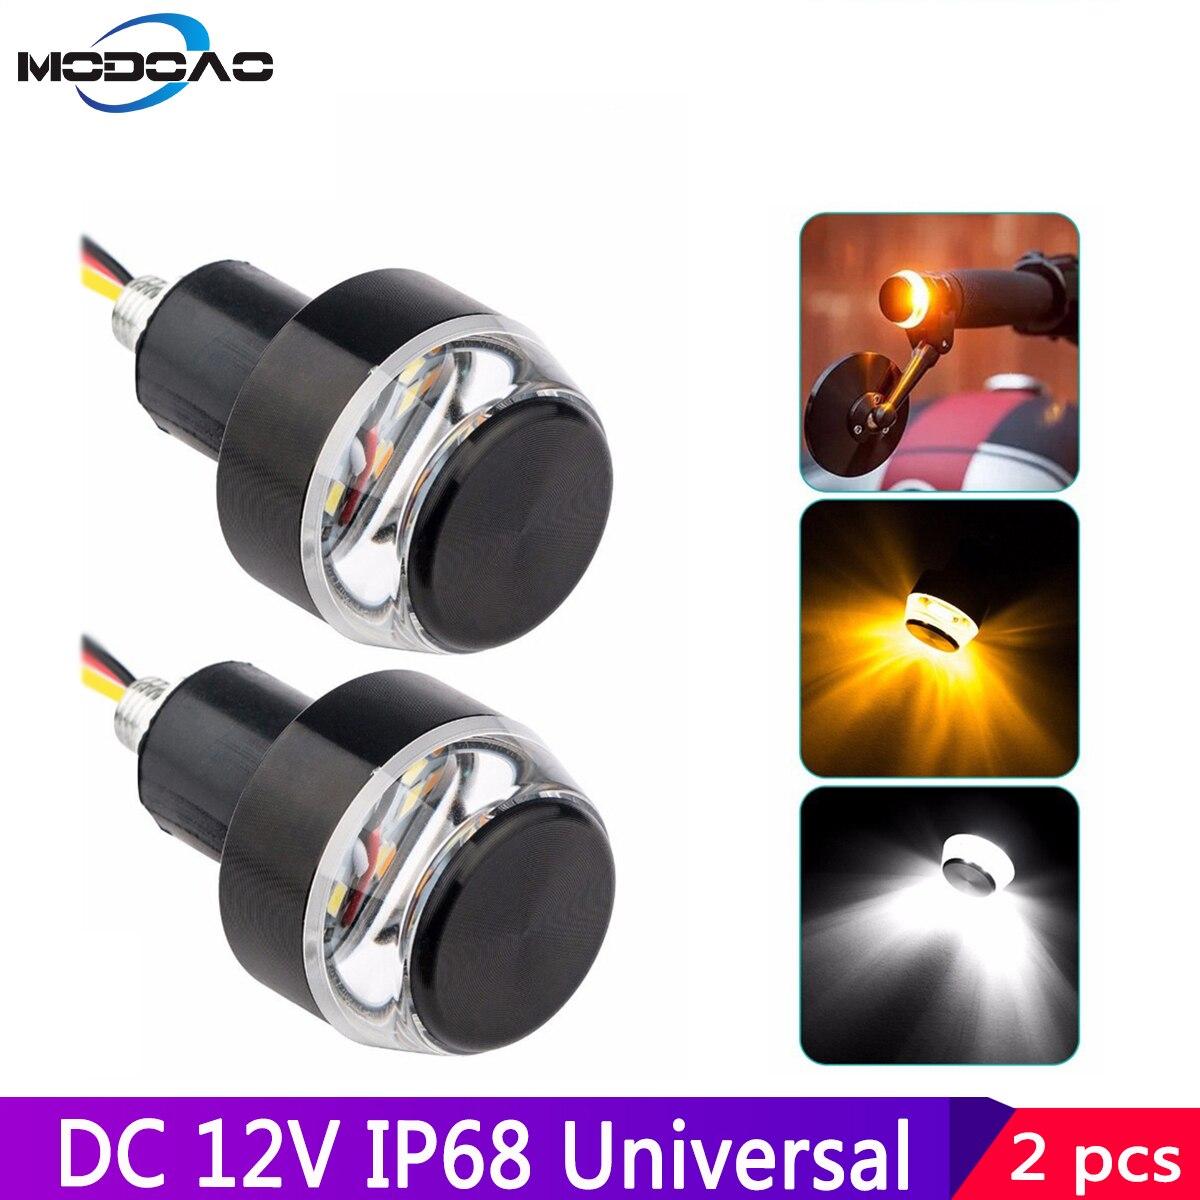 2 stücke LED Motorrad Lenker End Signal Lichter Anzeige Flasher 22mm Marker Lampe Universal Grip Seite Richtung Licht